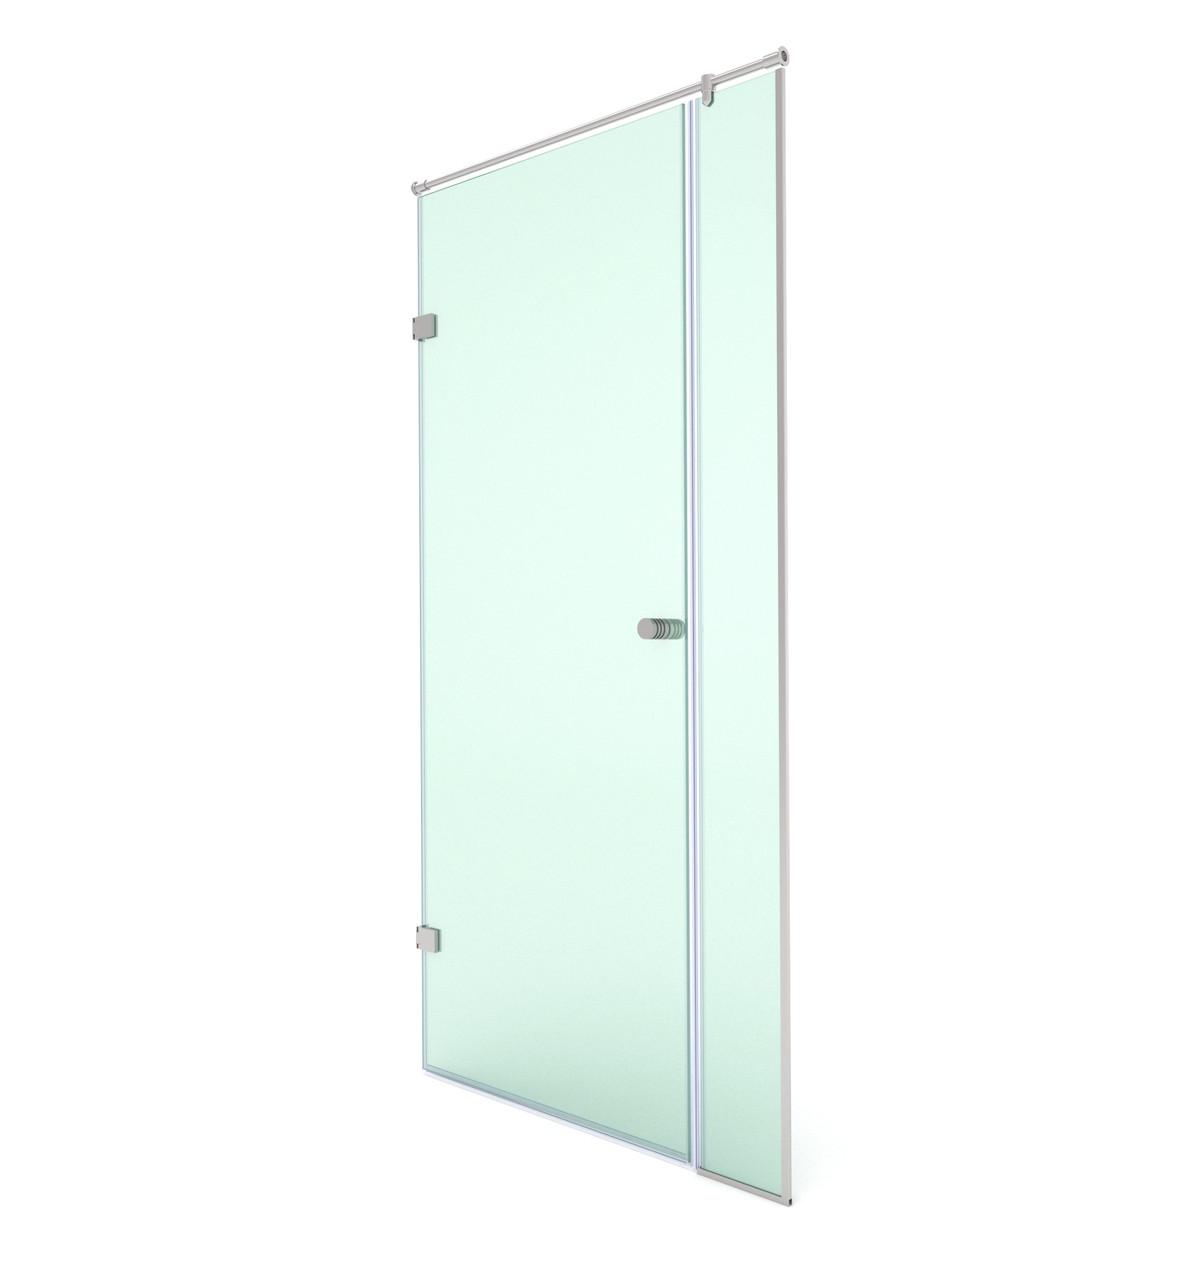 Распашная душевая дверь в нишу, модели SD-02-10